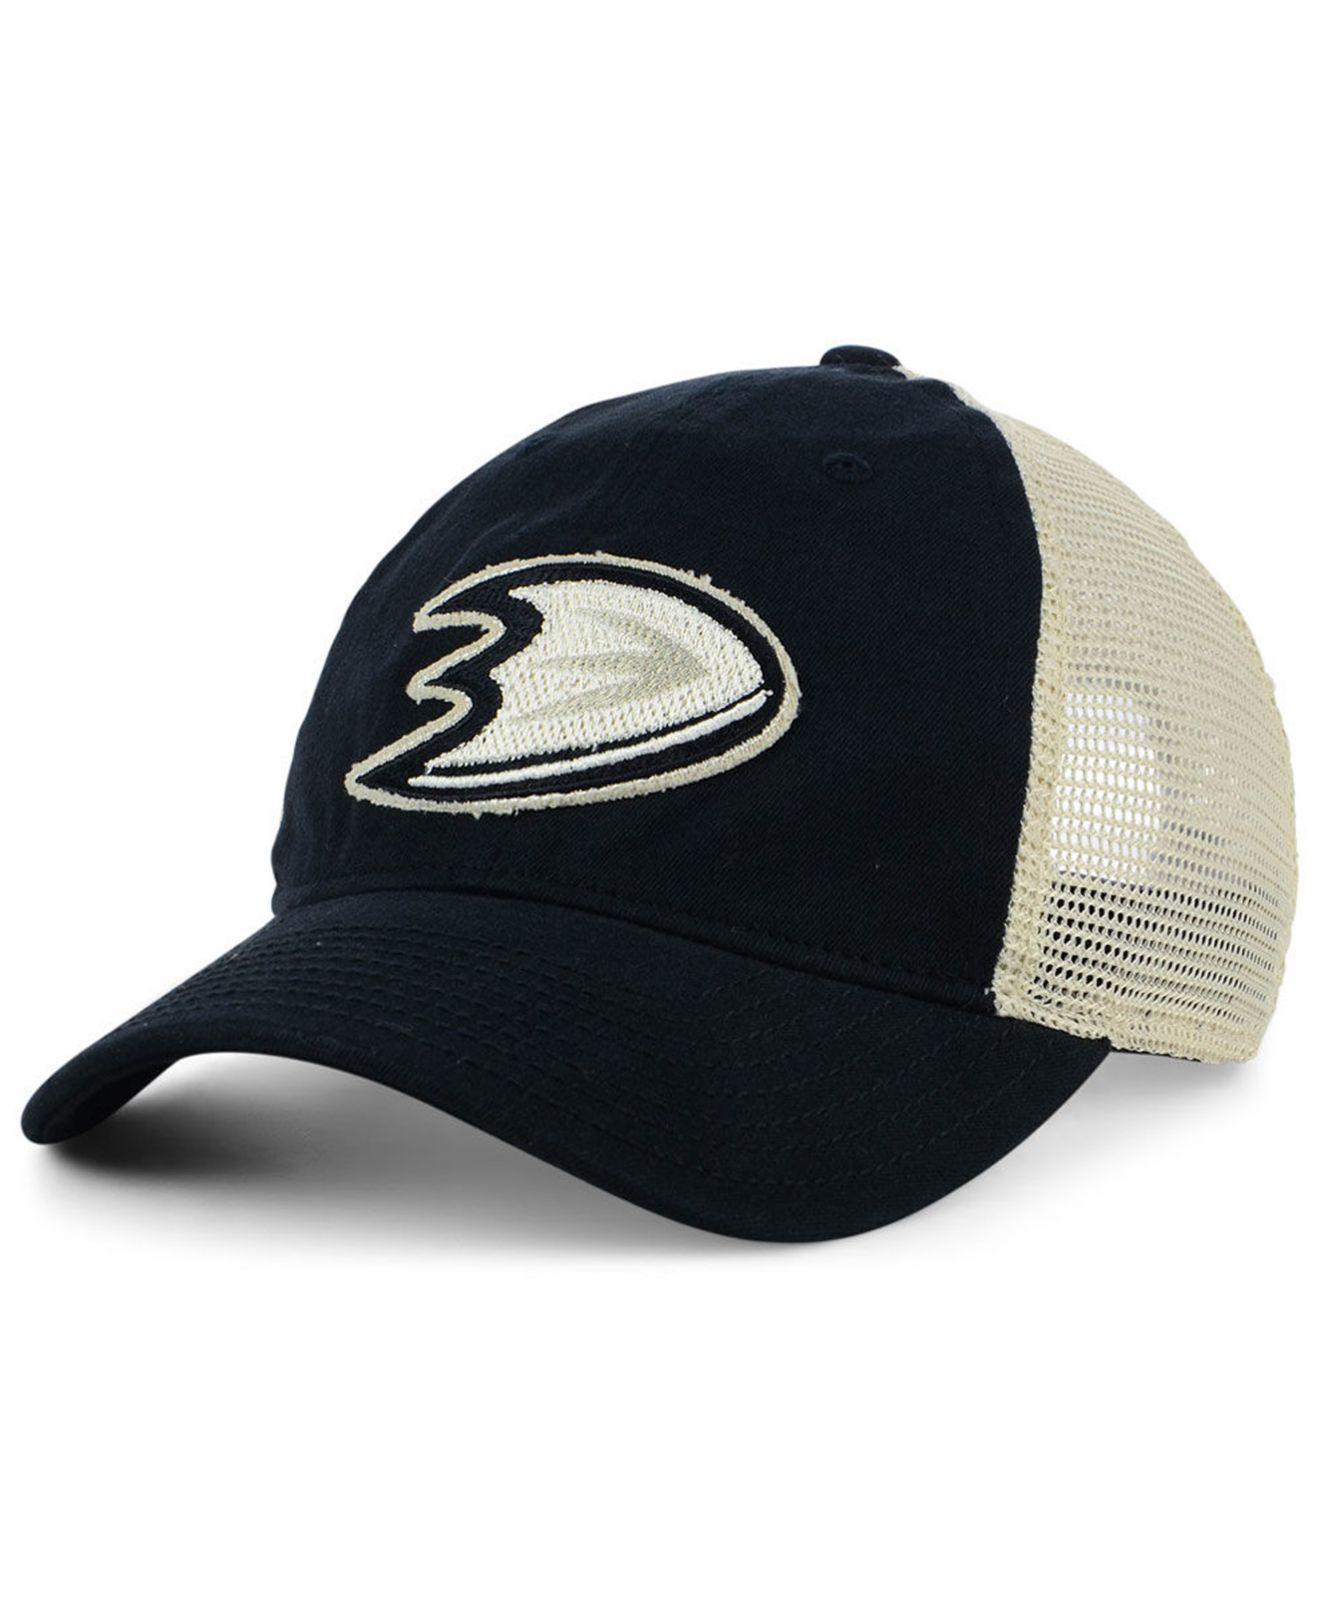 Lyst - Adidas Anaheim Ducks Sun Bleached Slouch Cap for Men 17ae04b230bd